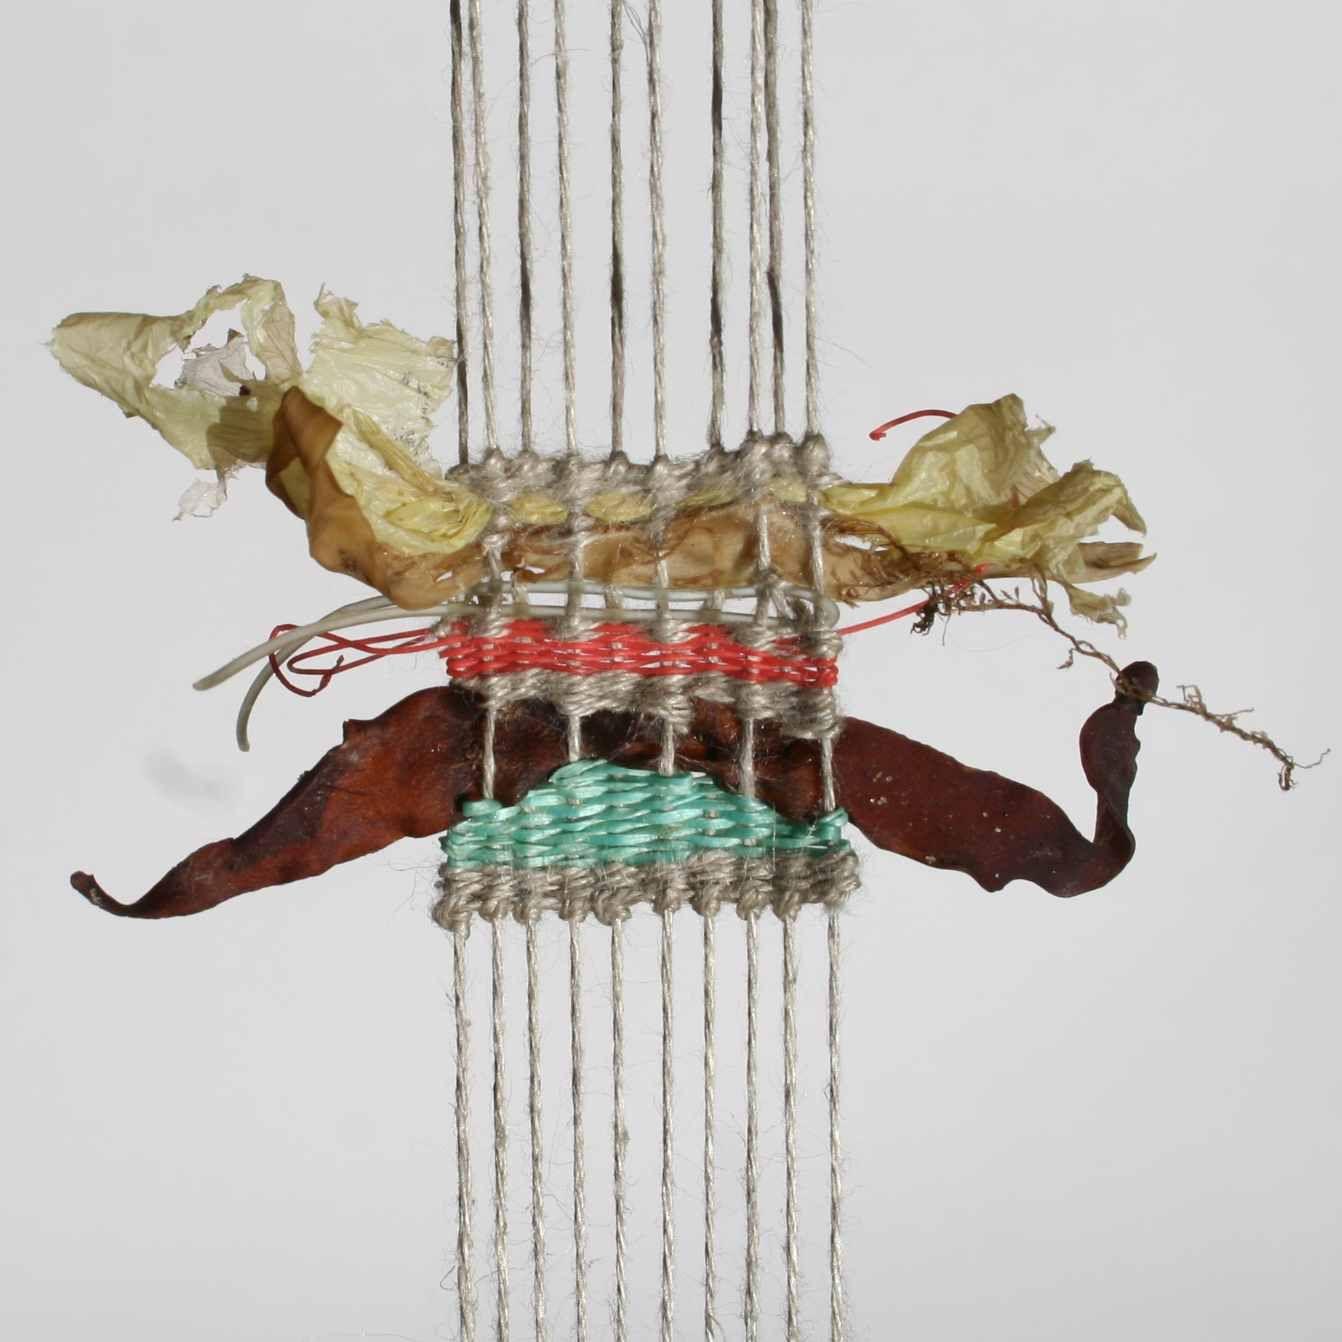 tapestry weave: linen, items found on beach walk by Alice Fox 26.5.12 #fiber_art #weaving